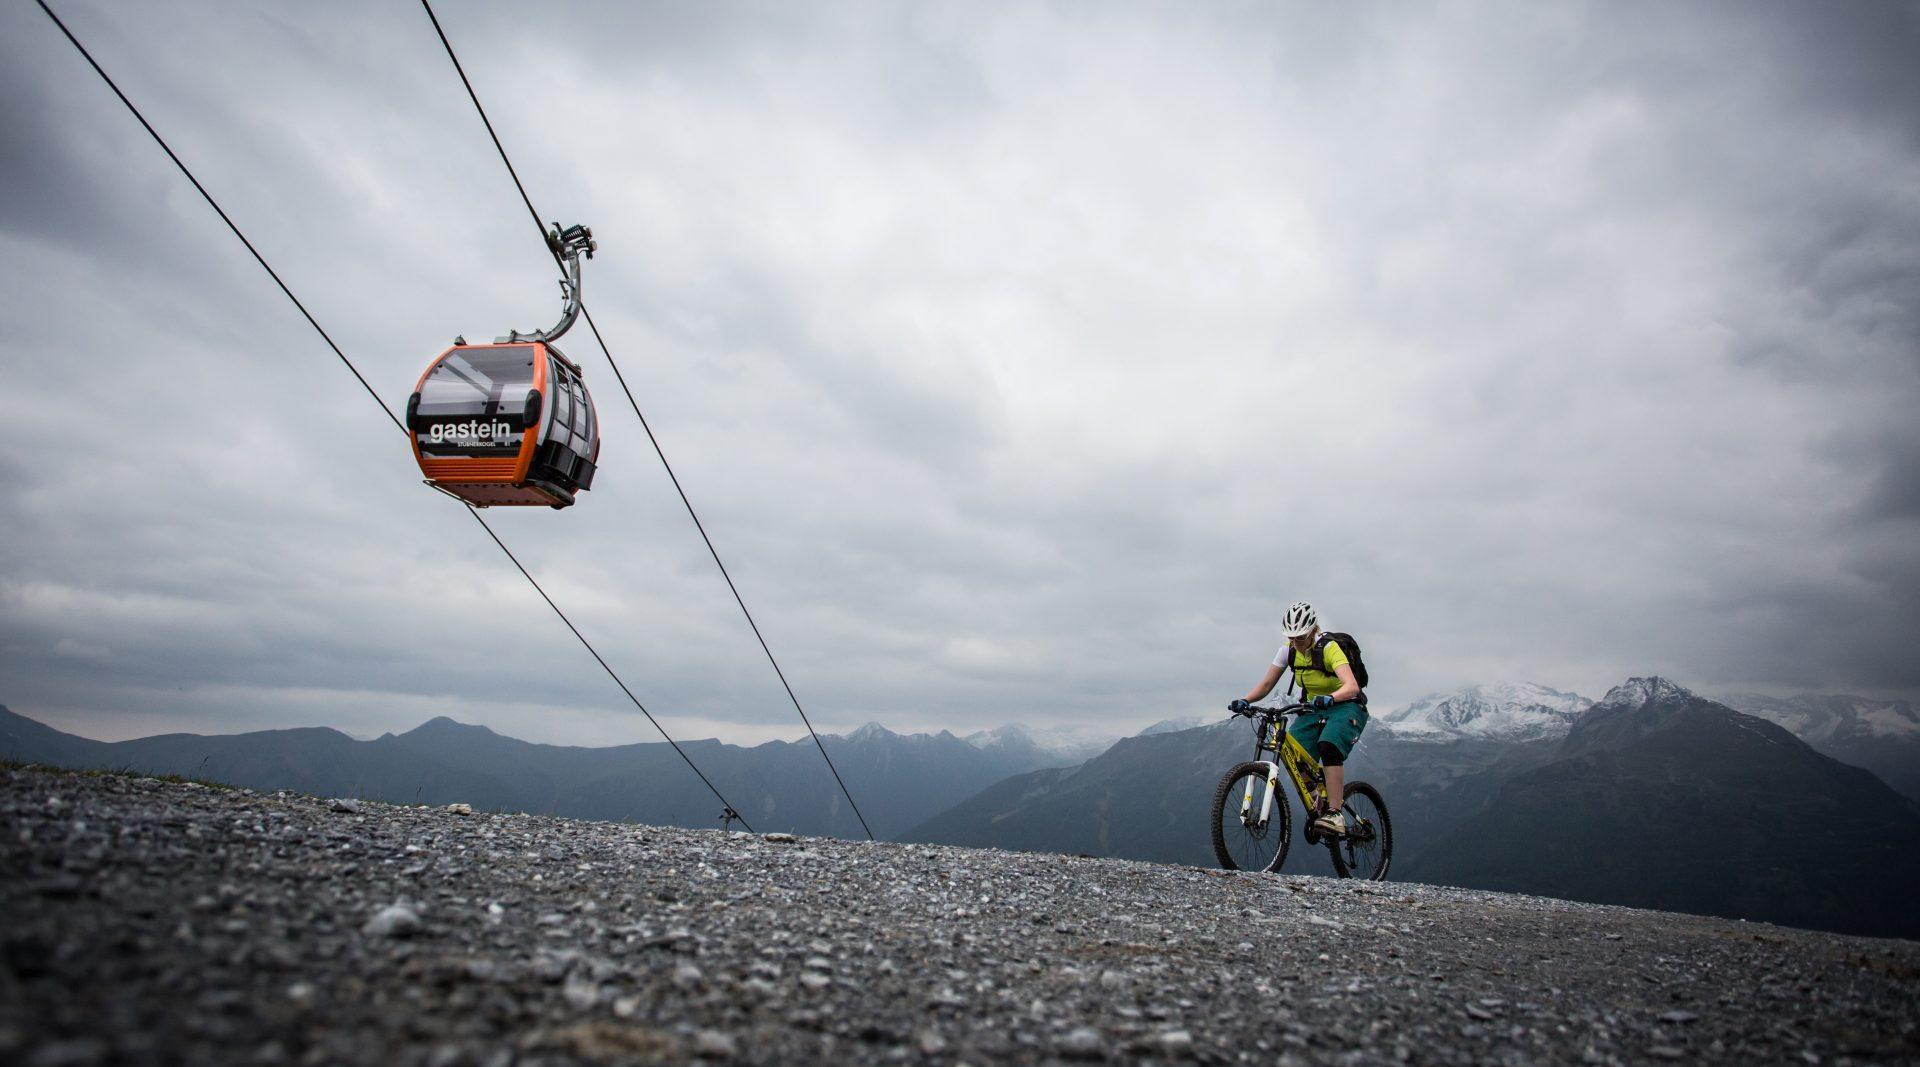 Mountainbike fährt den Berg hinauf, während eine rote Gondel über seinem Kopf hinwegfährt.